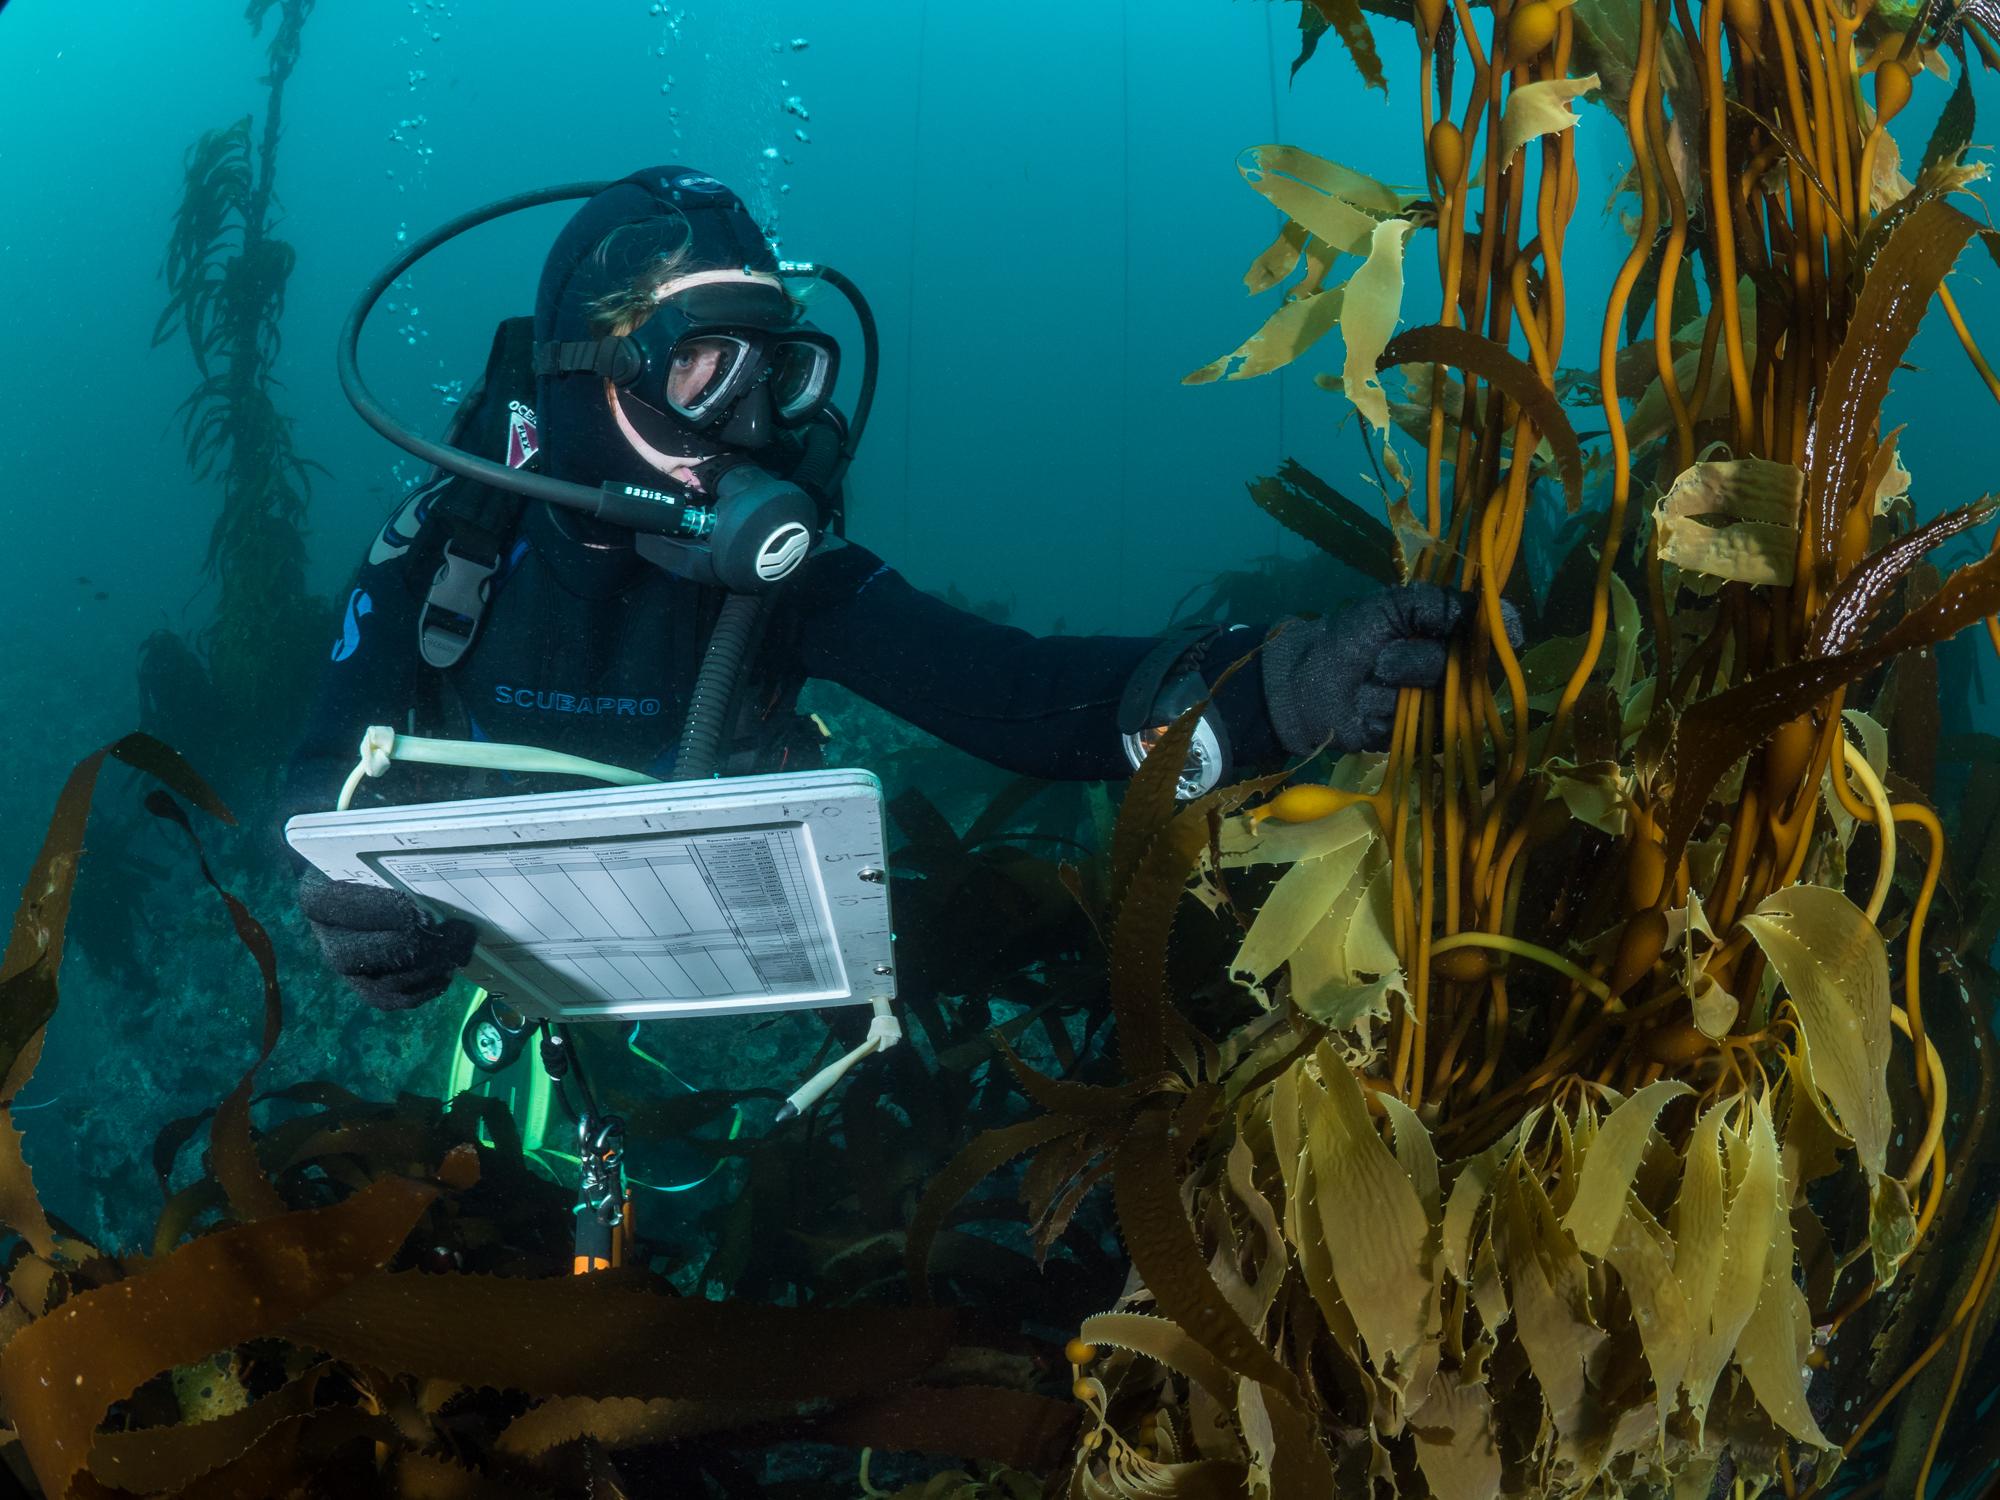 A scuba diver examines giant kelp